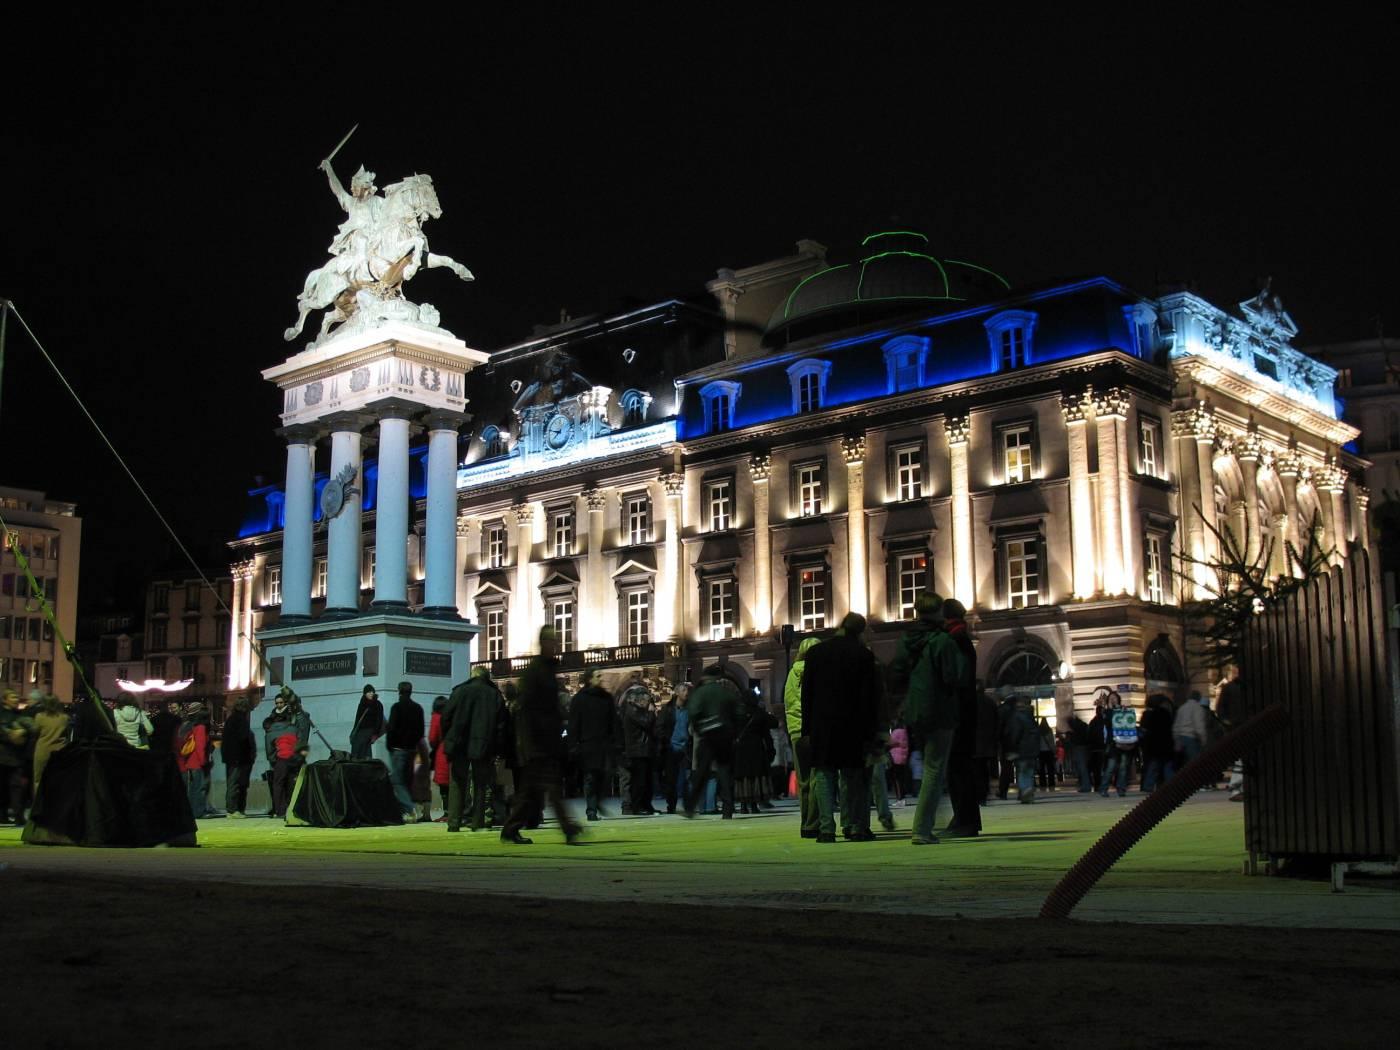 Visiter Clermont-Ferrand - Opéra et statue de Vercingétorix